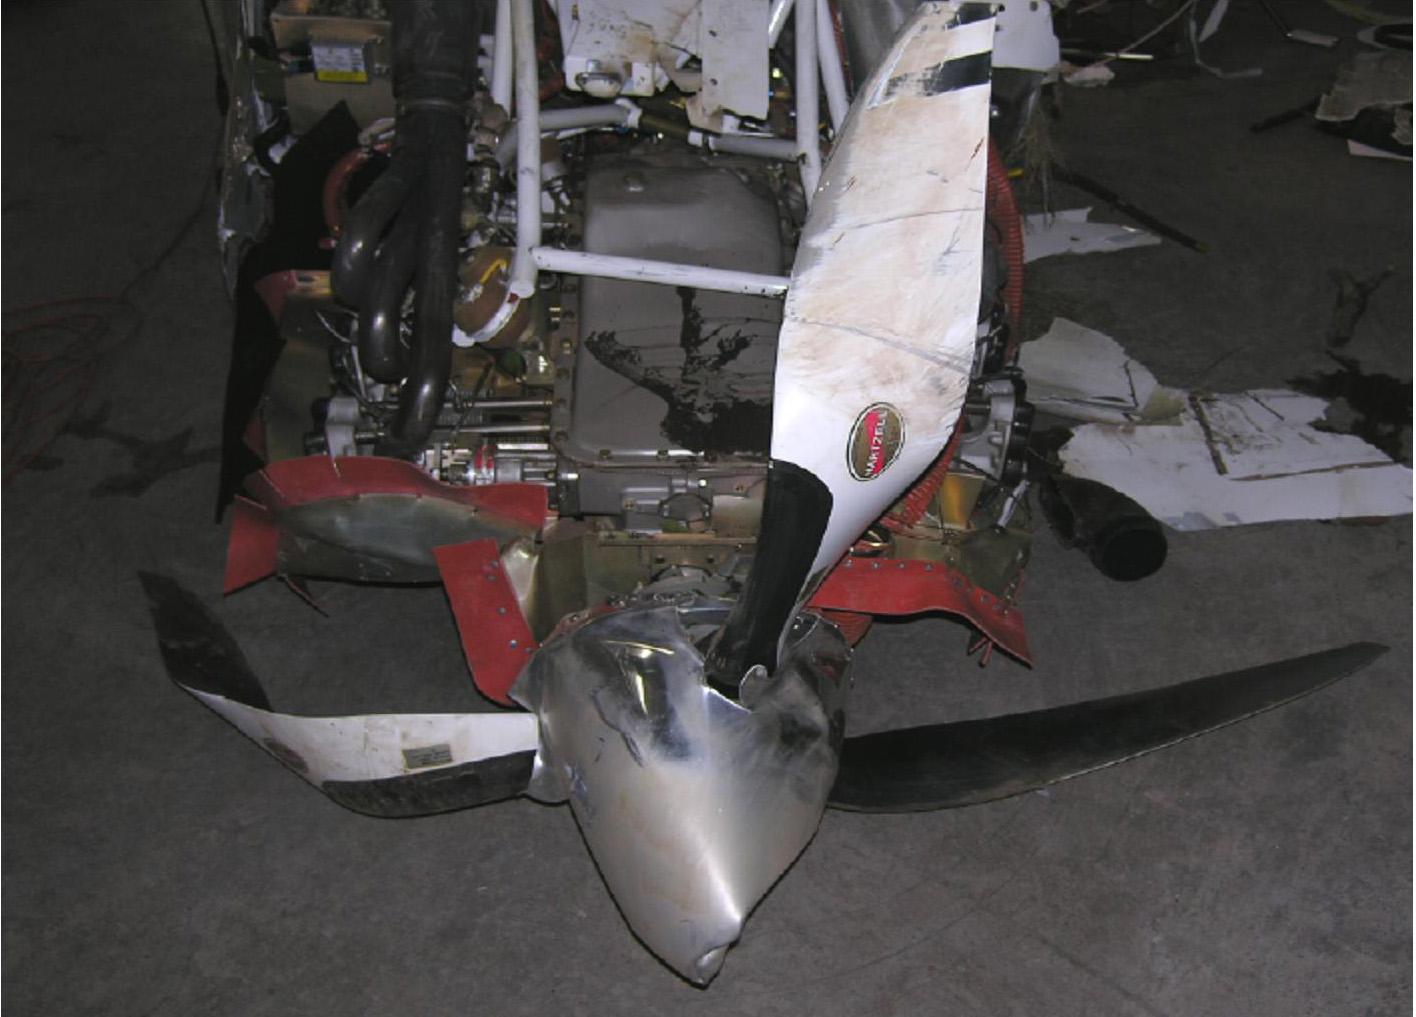 La deformación de las hélices de este avión así como las marcar grabadas en las mismas sugieren que estaba girando cuando impactaron con el terreno.